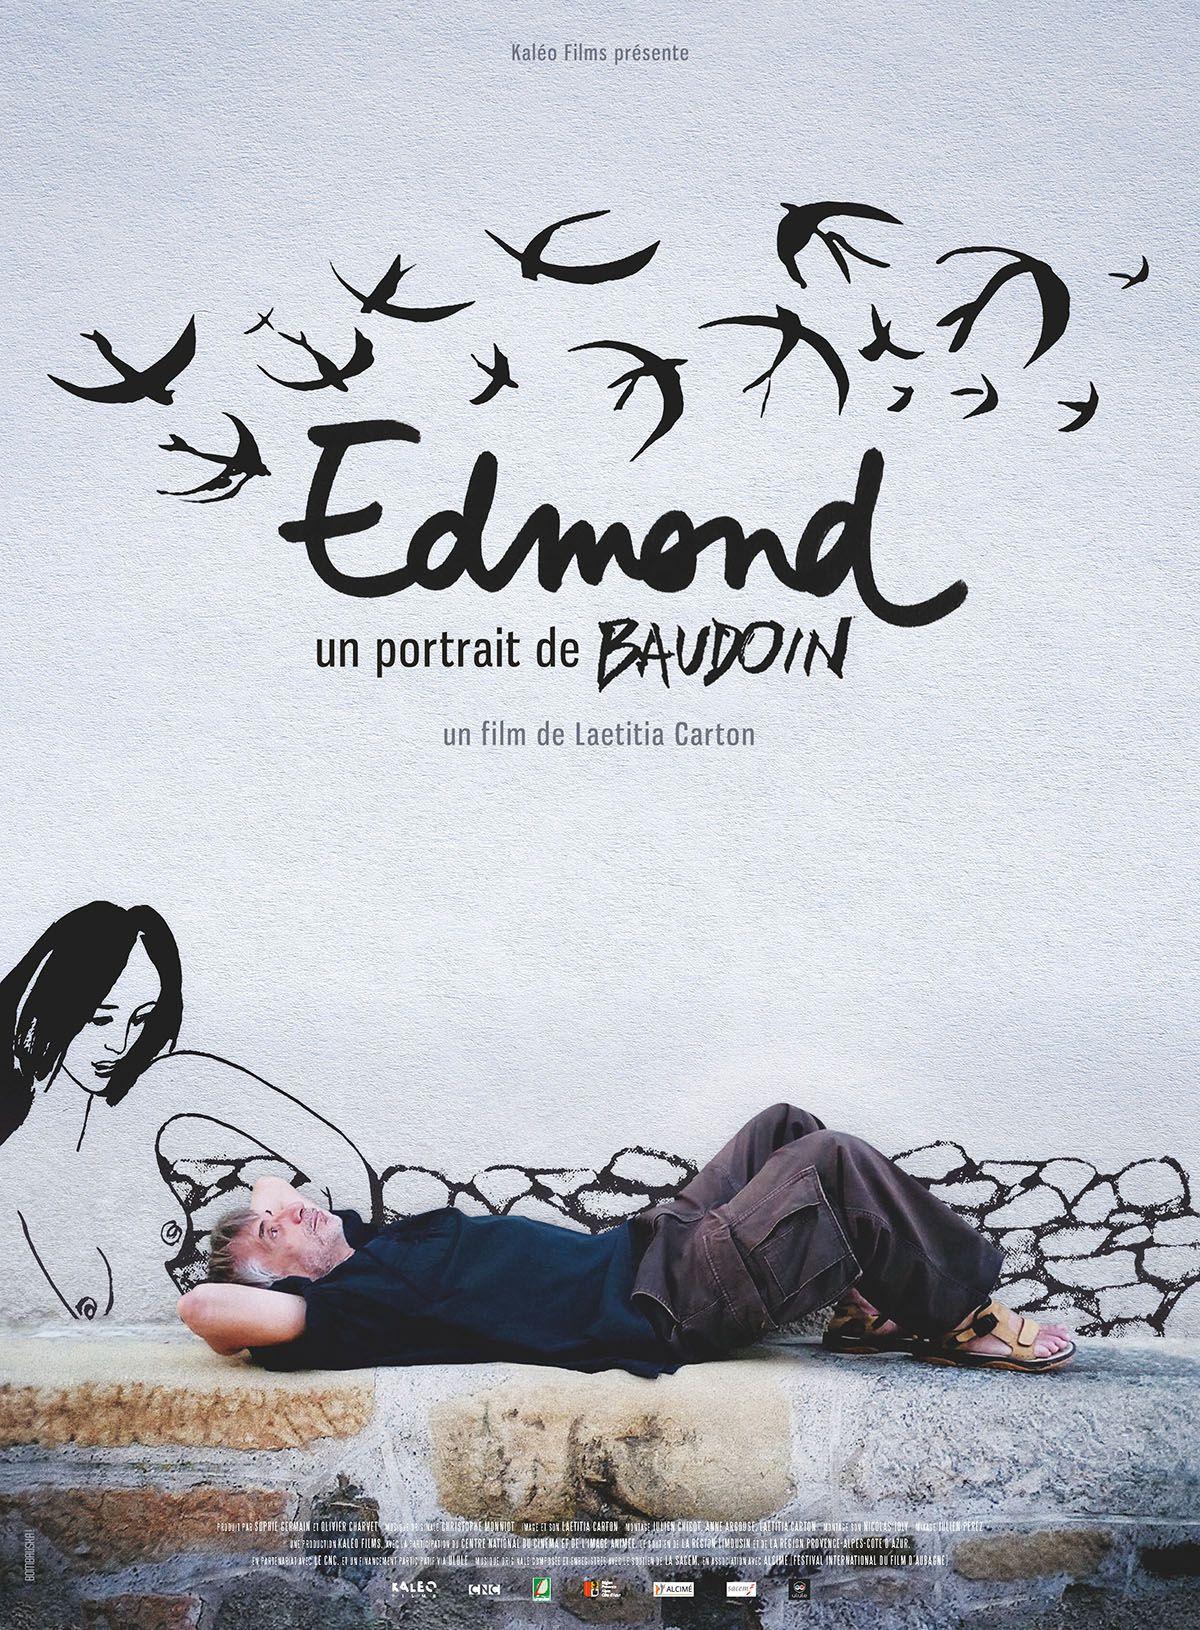 Edmond, un portrait de Baudoin - Documentaire (2015)